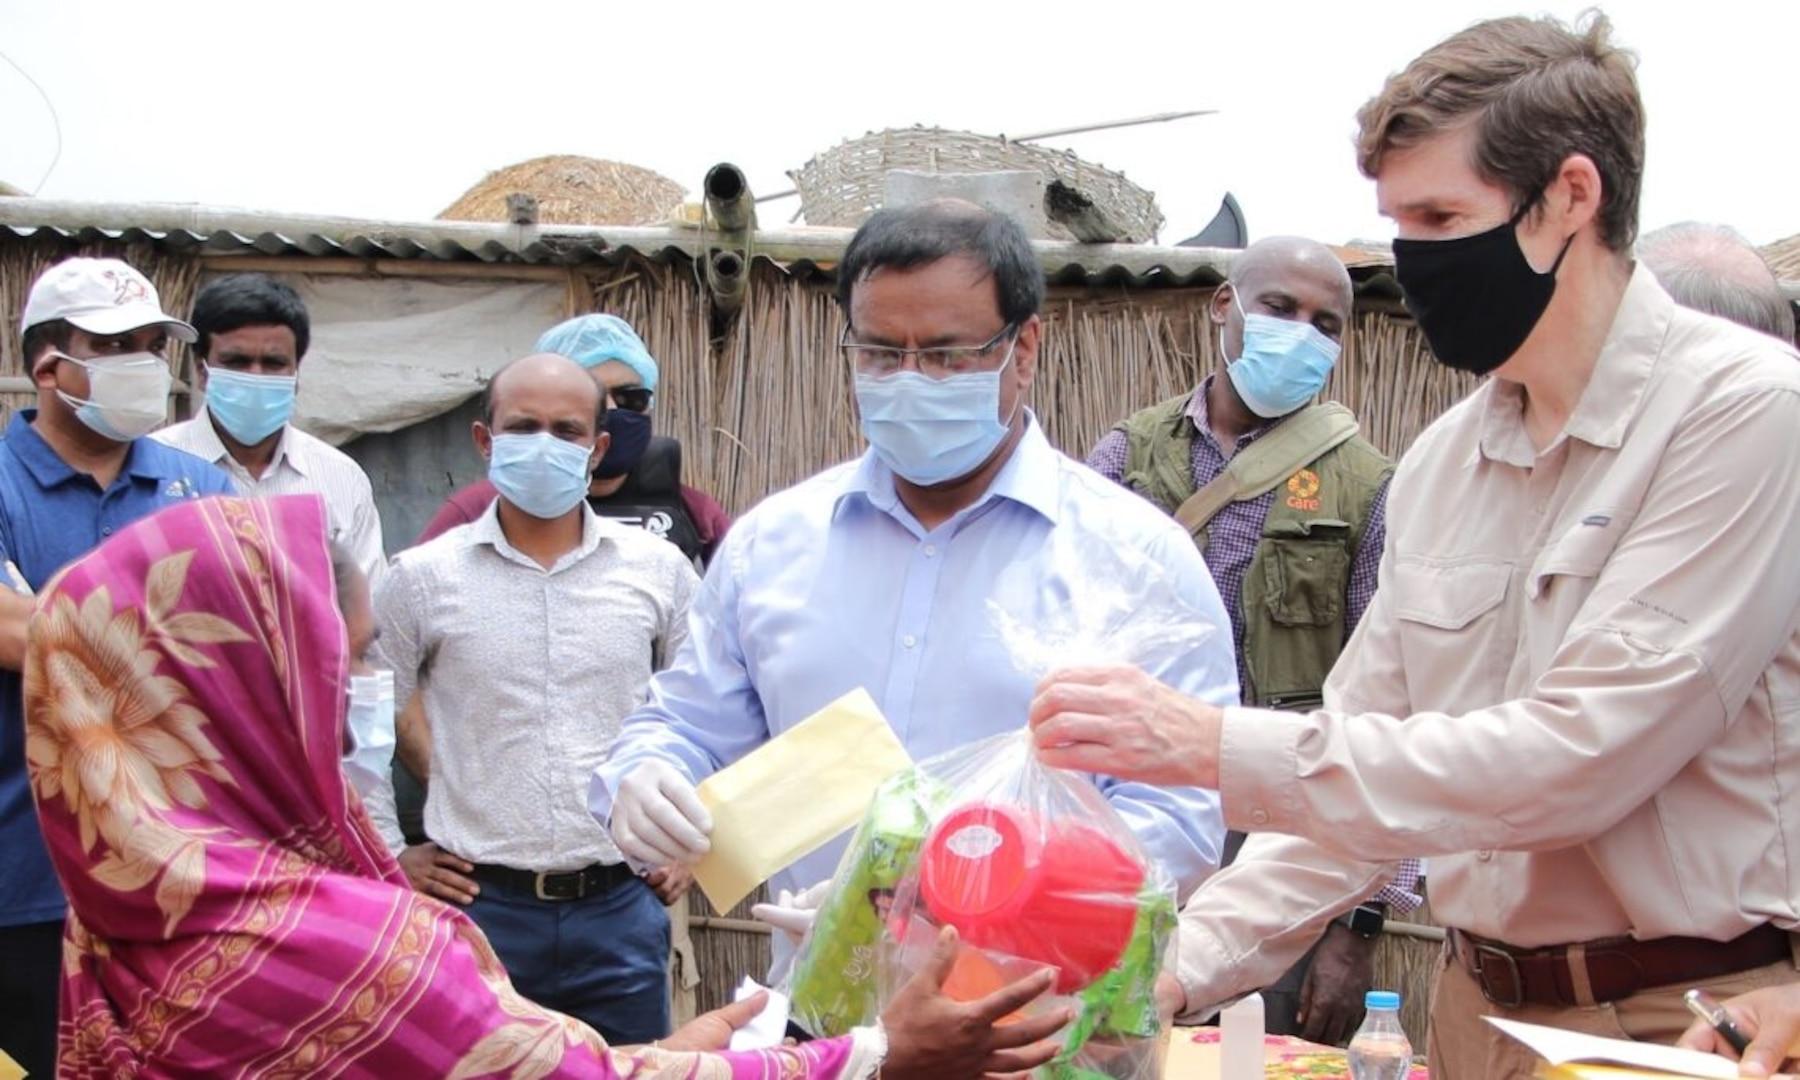 Ambassador Miller Visits Flood Affected Gaibandha, Bangladesh,  to Observe U.S. Assistance